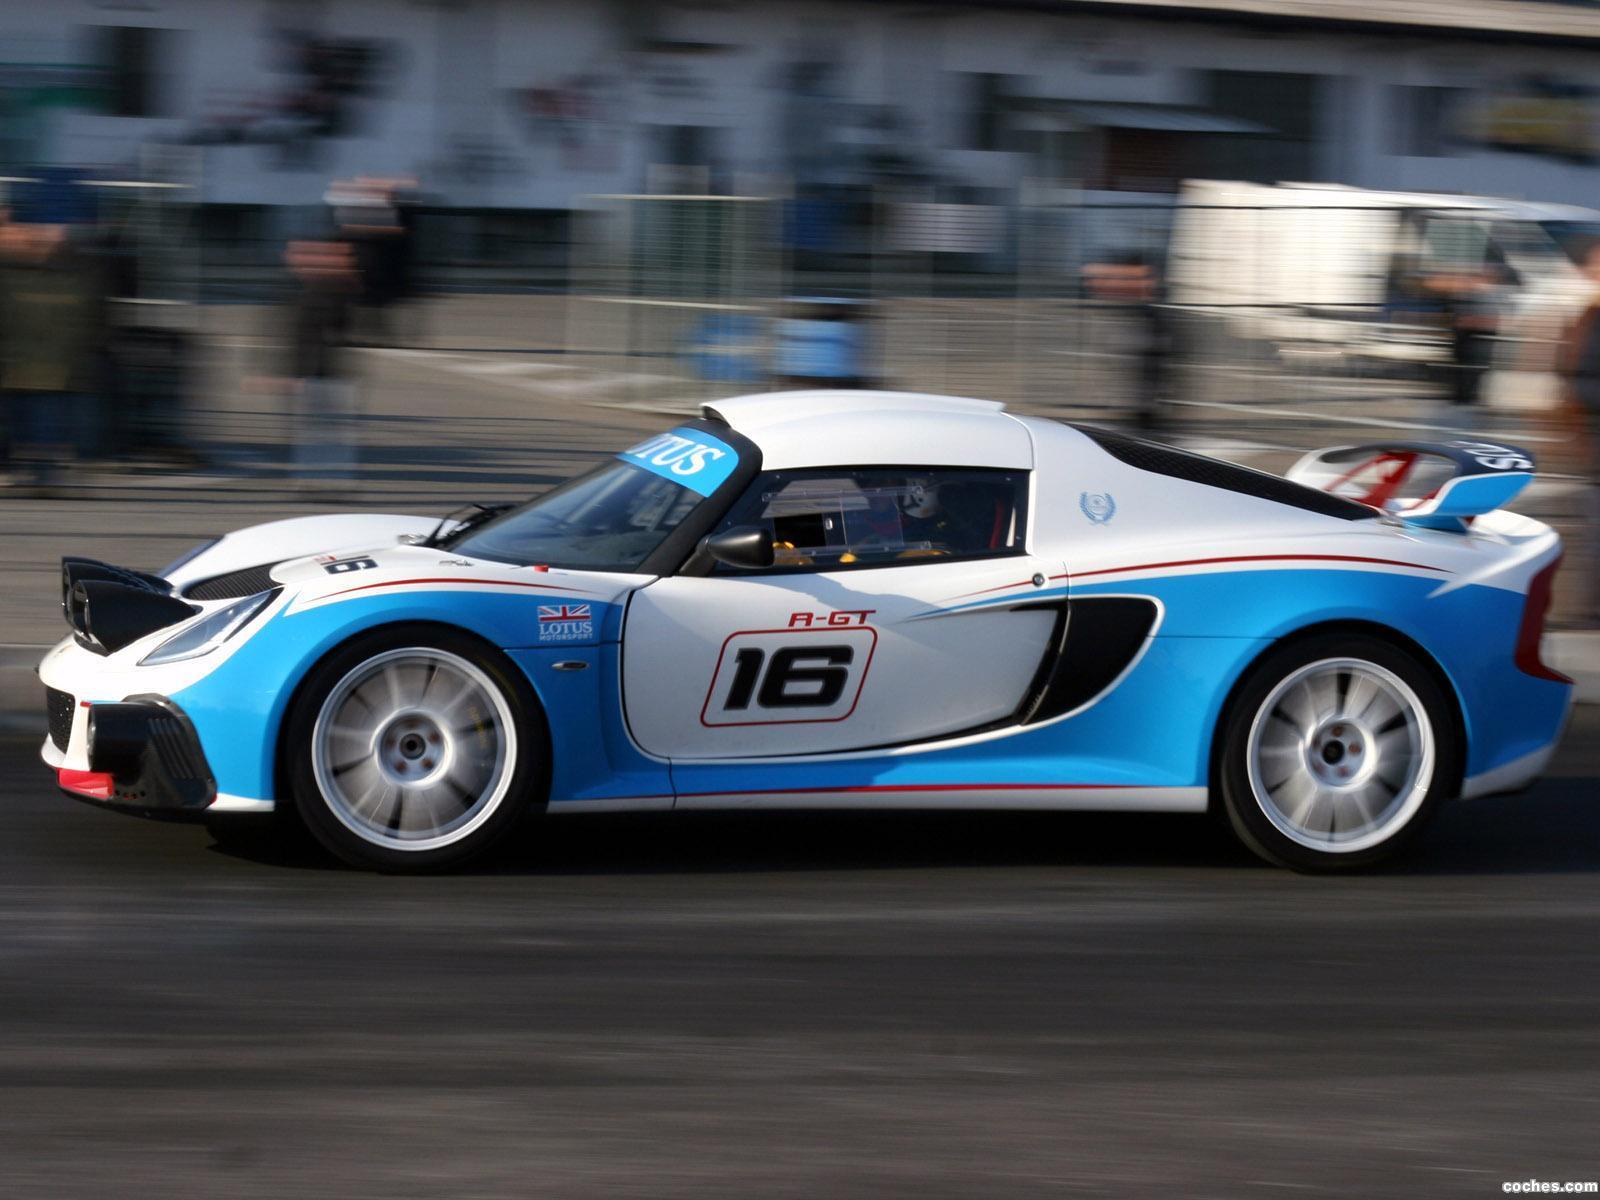 Foto 1 de Lotus Exige R GT 2011